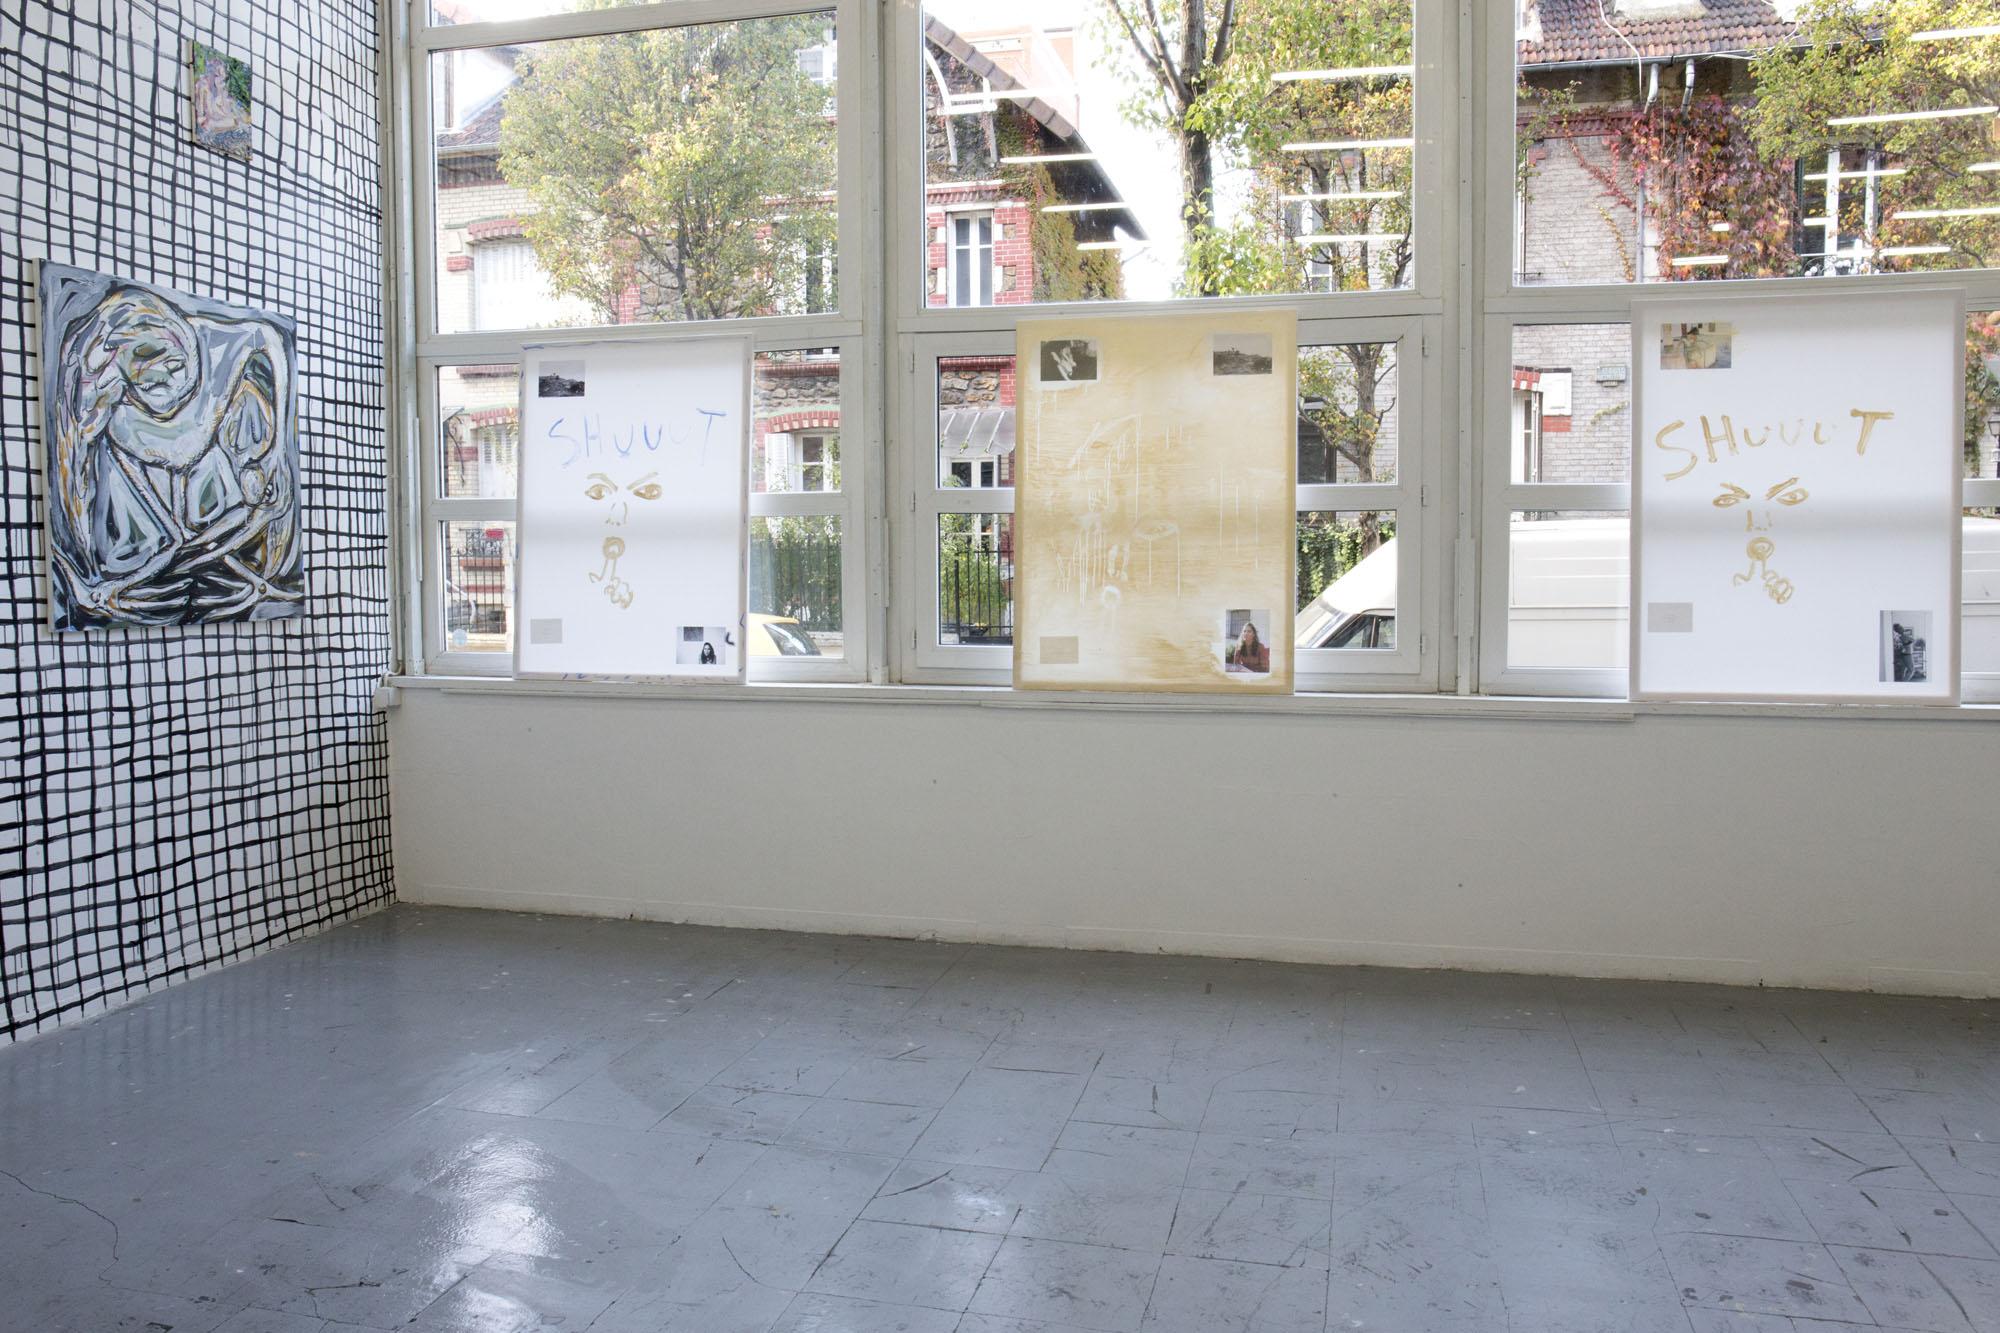 56_Quart d'heure américain - heiwata - Mains d'Oeuvres - Exhibition views.jpg